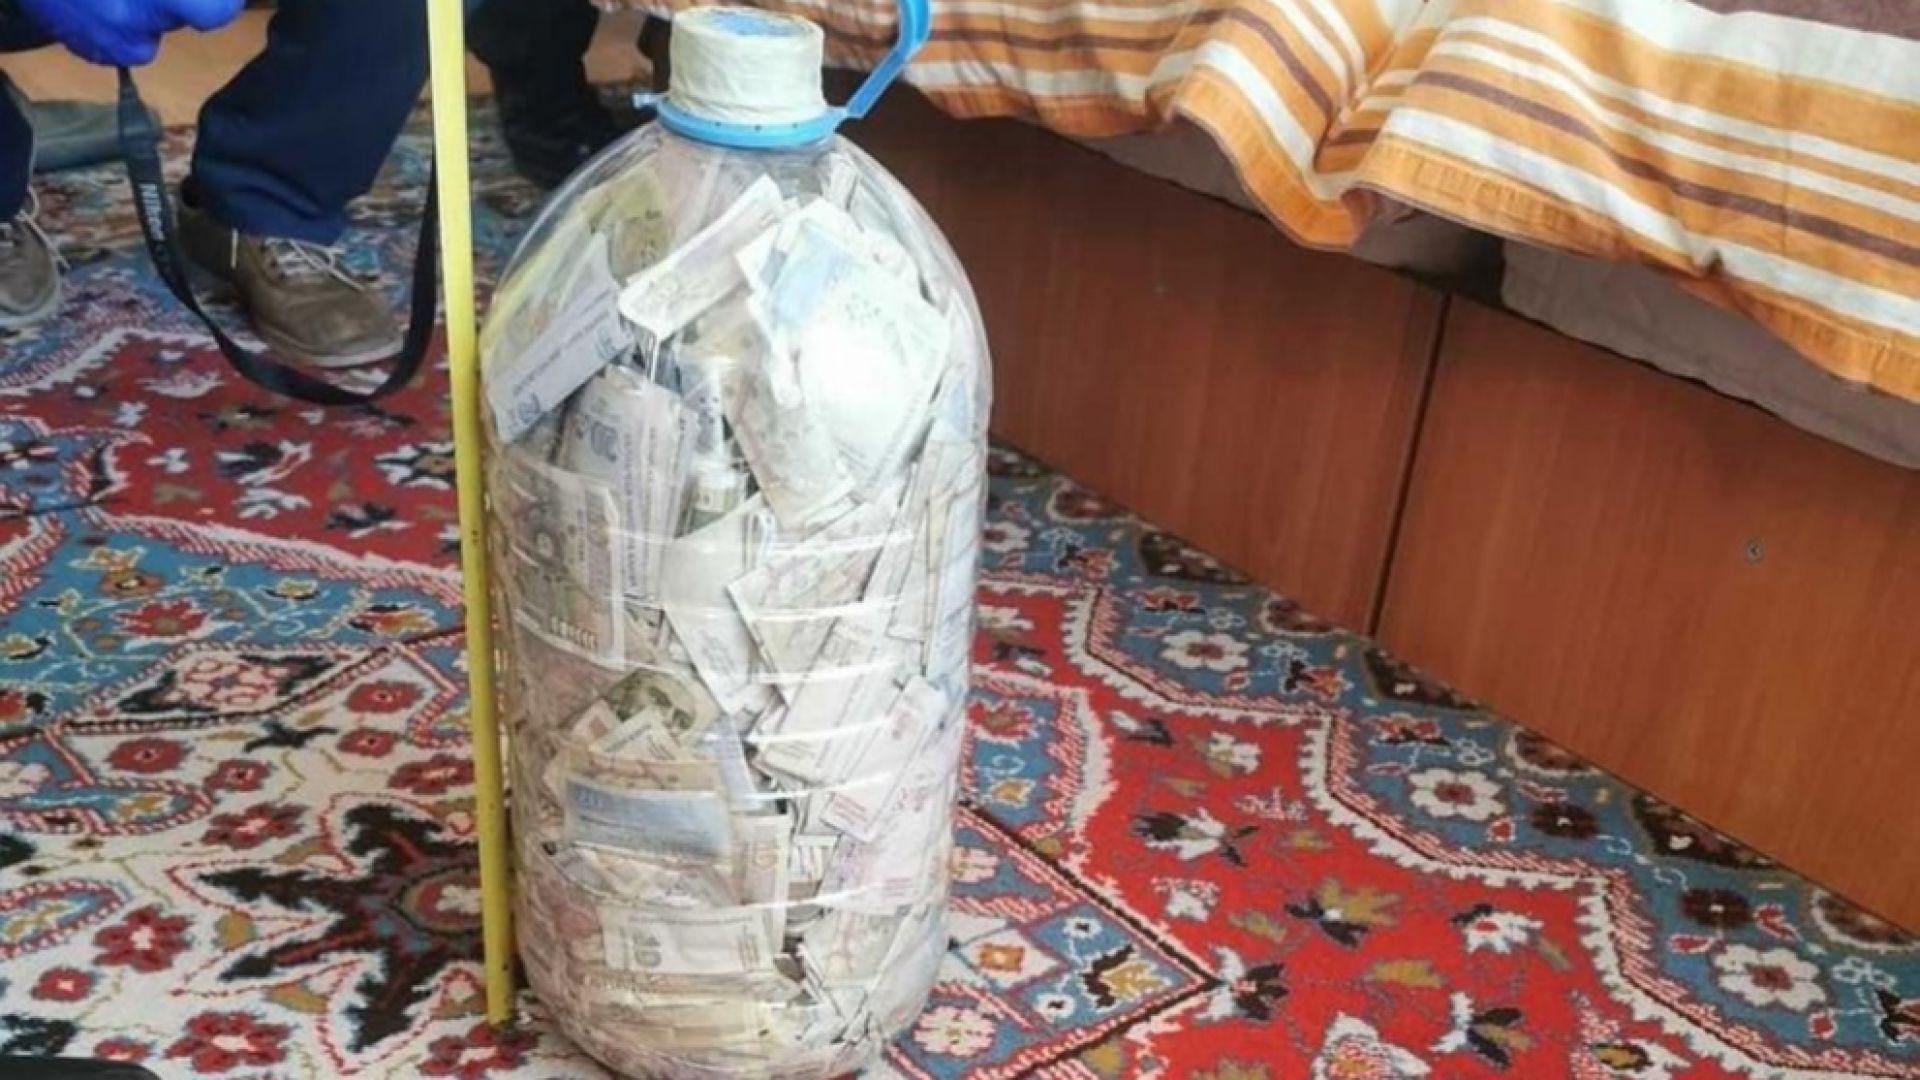 Закопчаха дилъри на дрога във Варна, откриха над 20 хил. лева в туба (снимки)